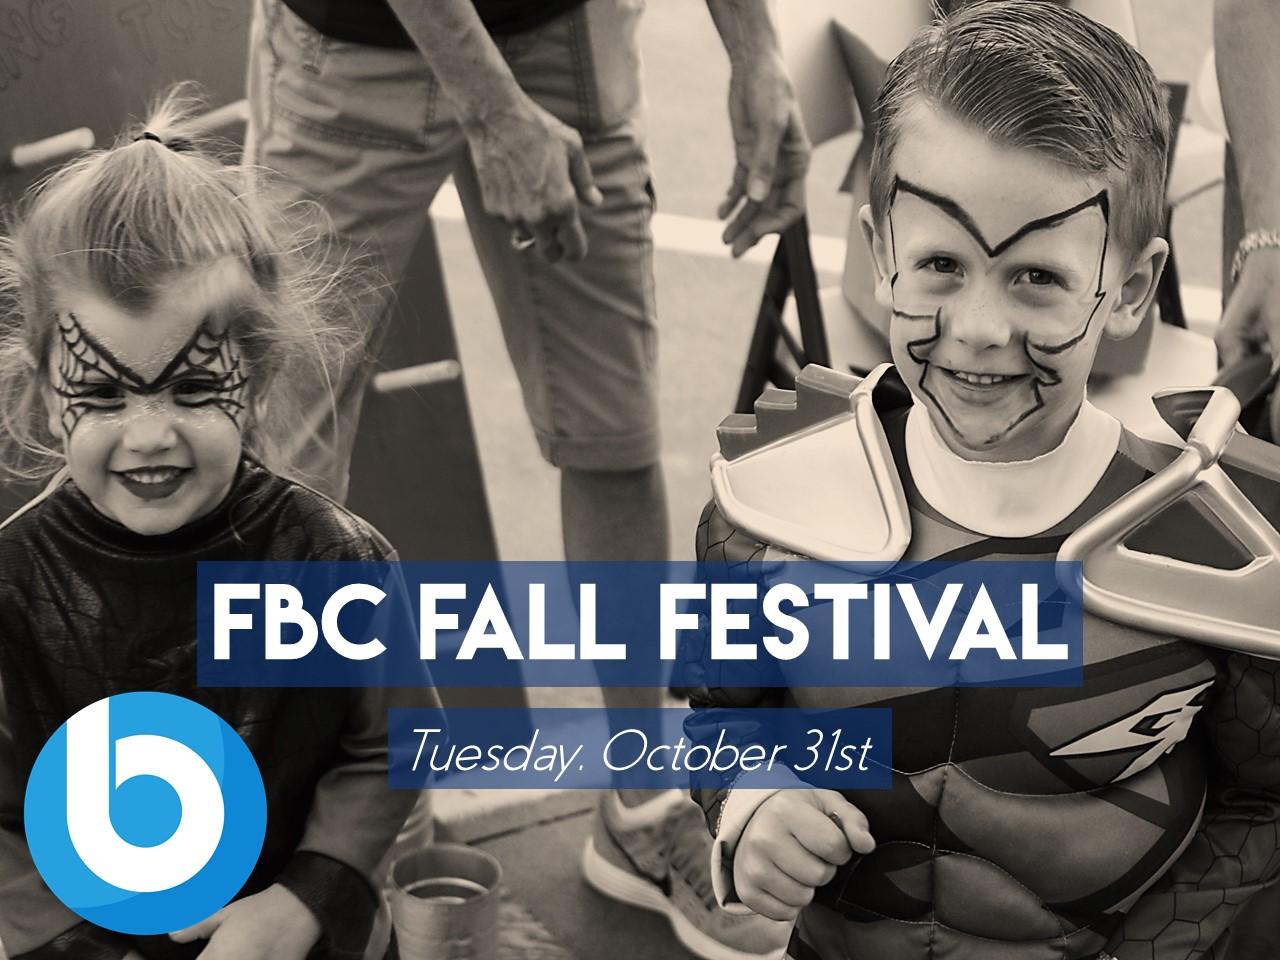 Fall Festival Announcement.jpg